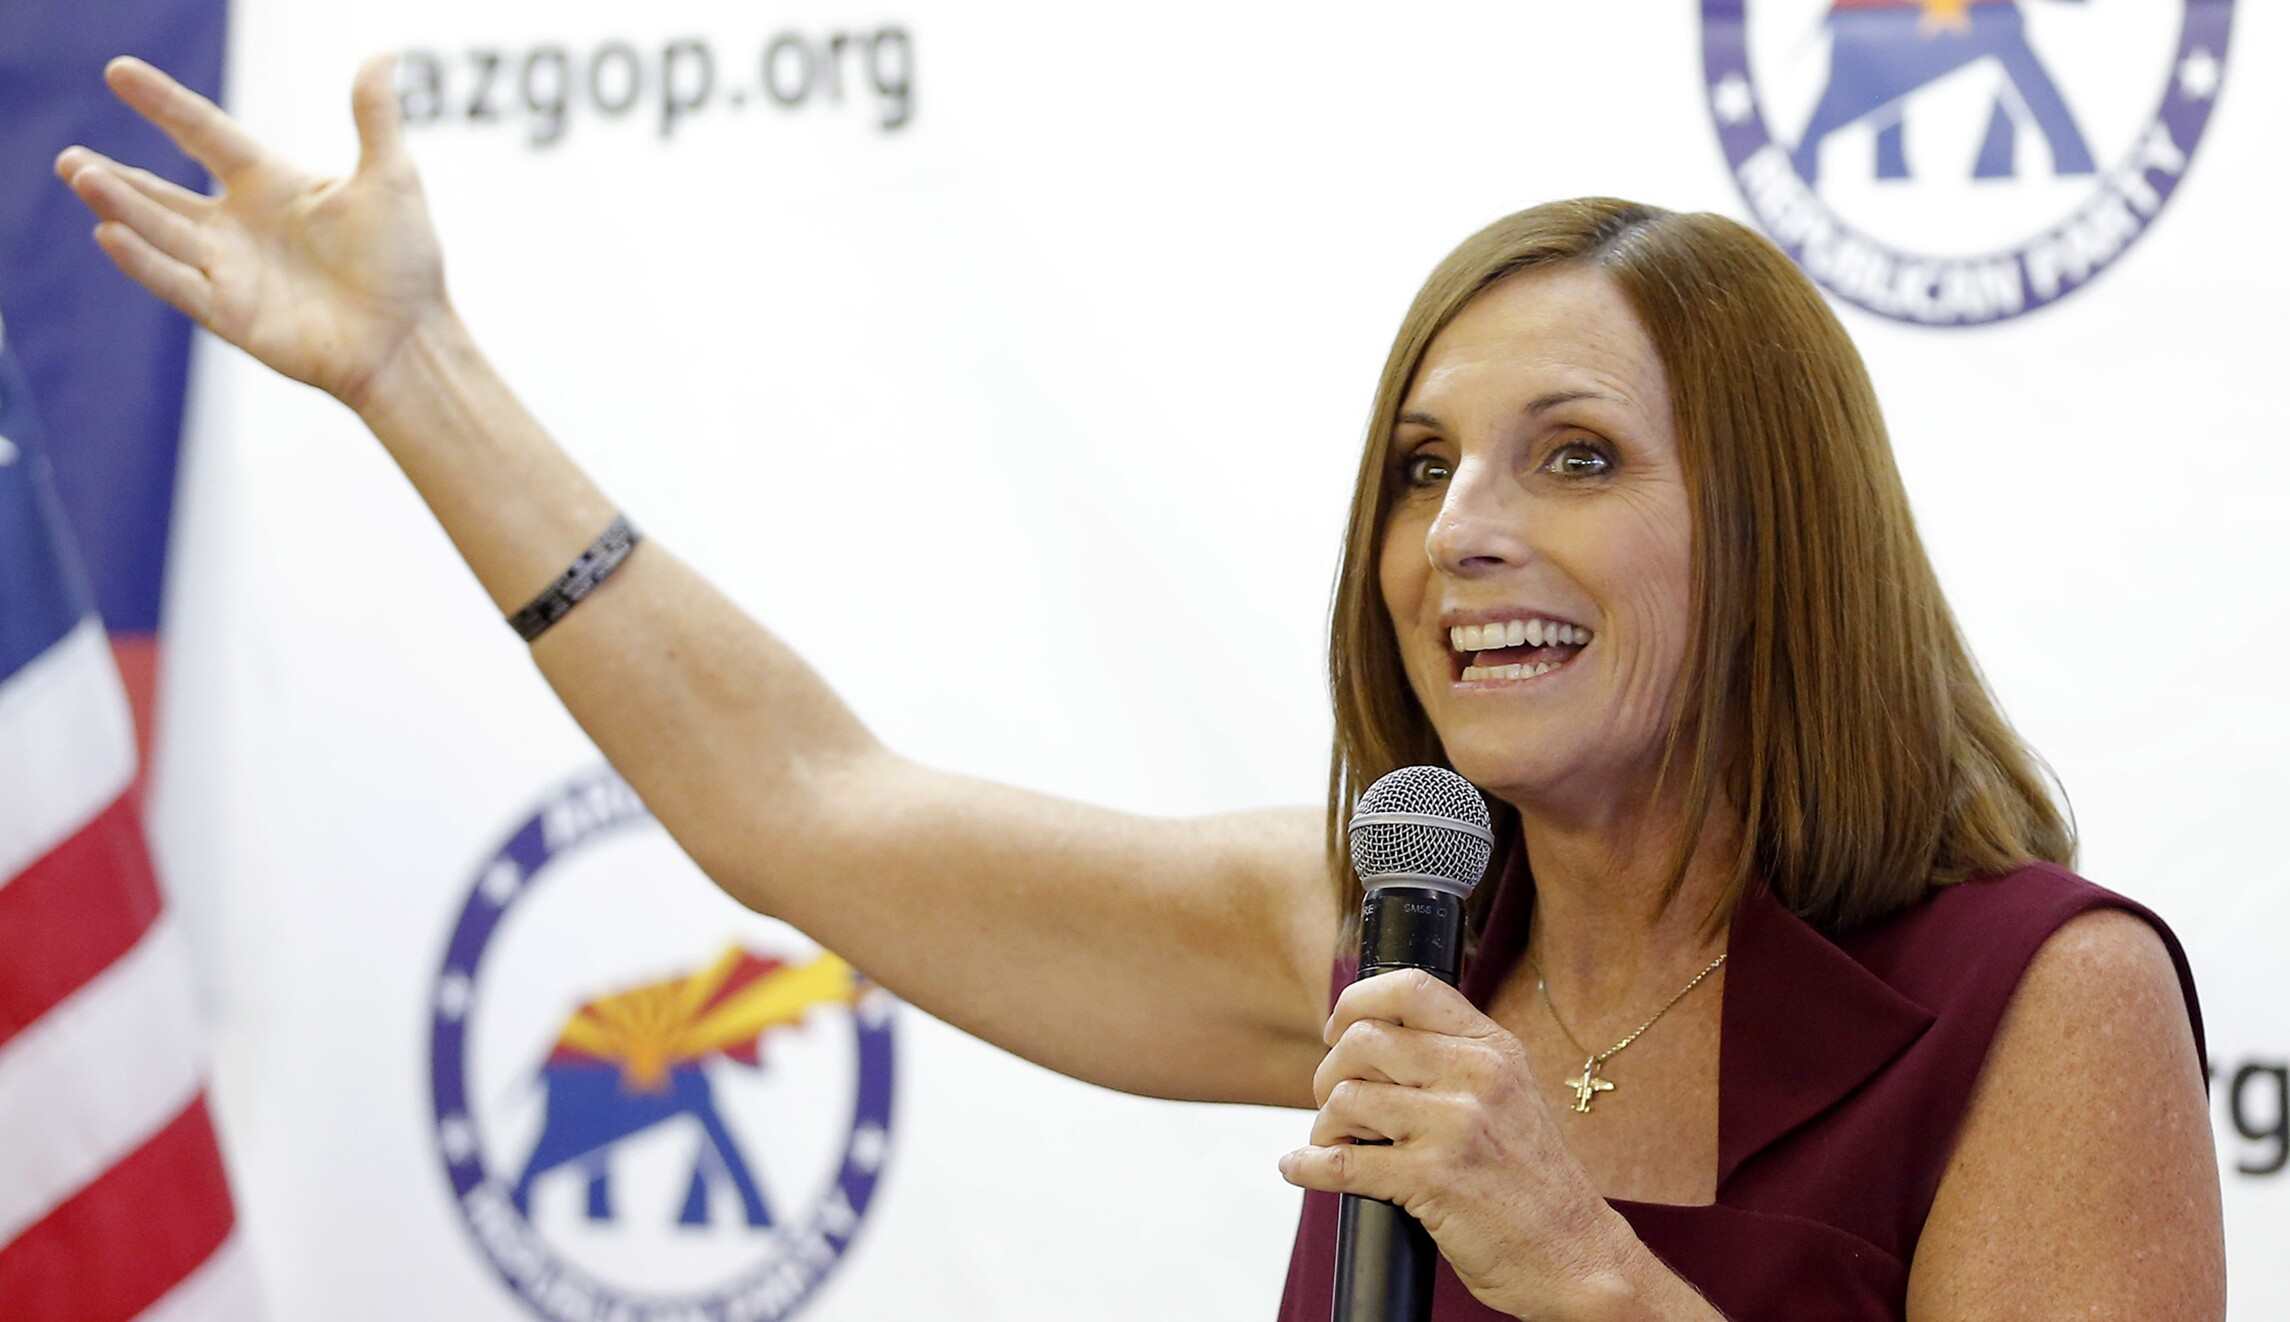 亚利桑那州众议院议员玛莎麦克萨利在亚利桑那州太阳城举行的竞选集会上发表讲话。